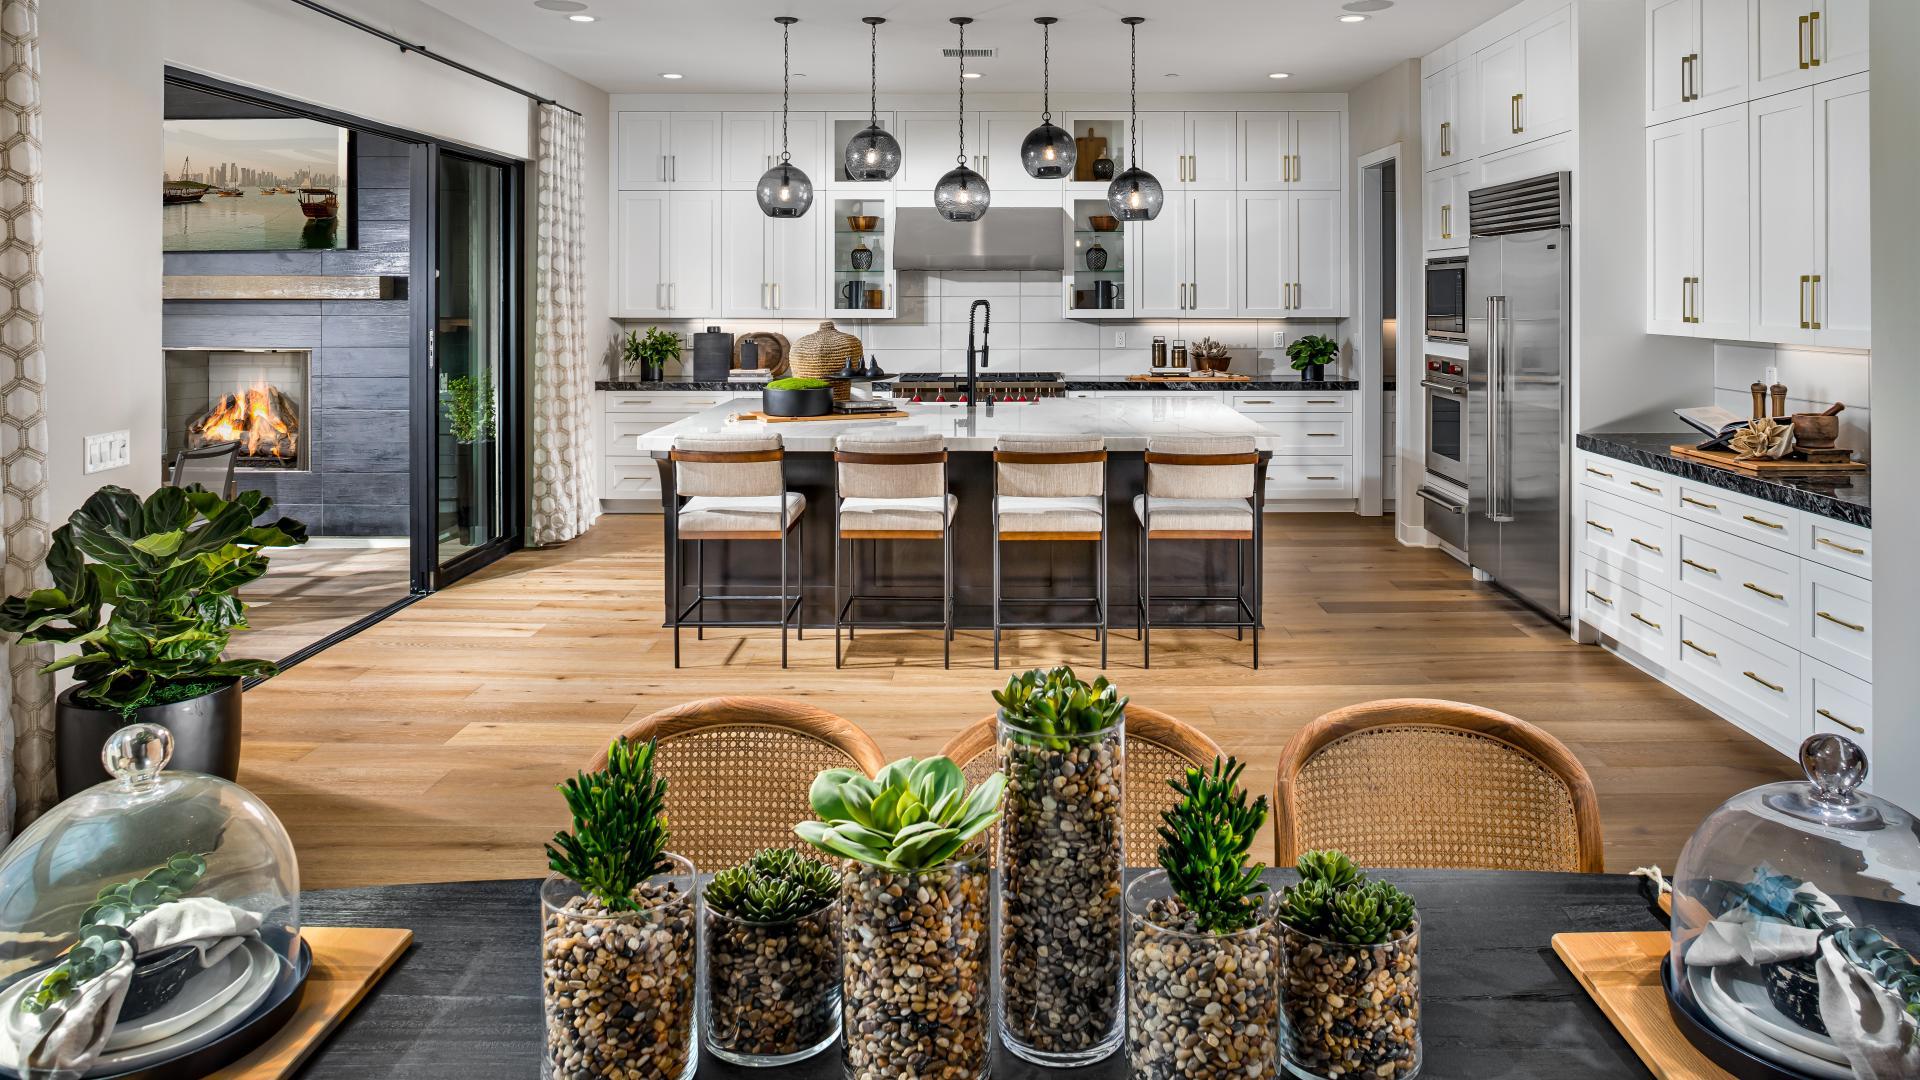 Open floor plan with soaring great rooms